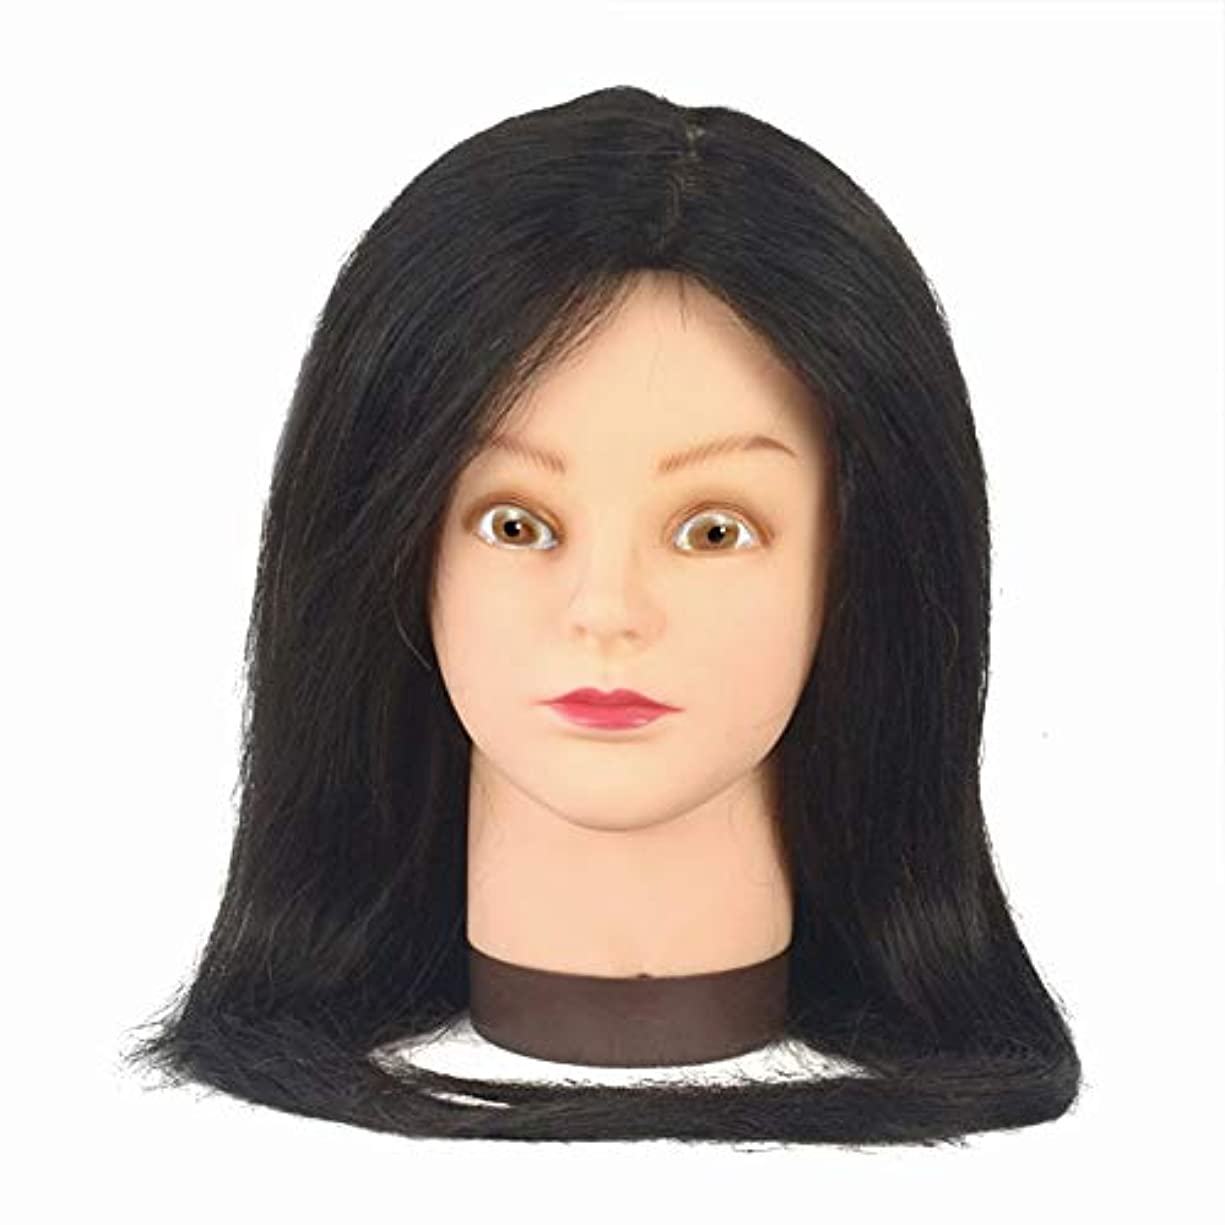 びっくりバインド七面鳥80%リアル人間の髪モデルヘッドサロン学習吹くことができますパーマ髪染めダミーヘッド編集ヘア練習ヘッドモデル,Black